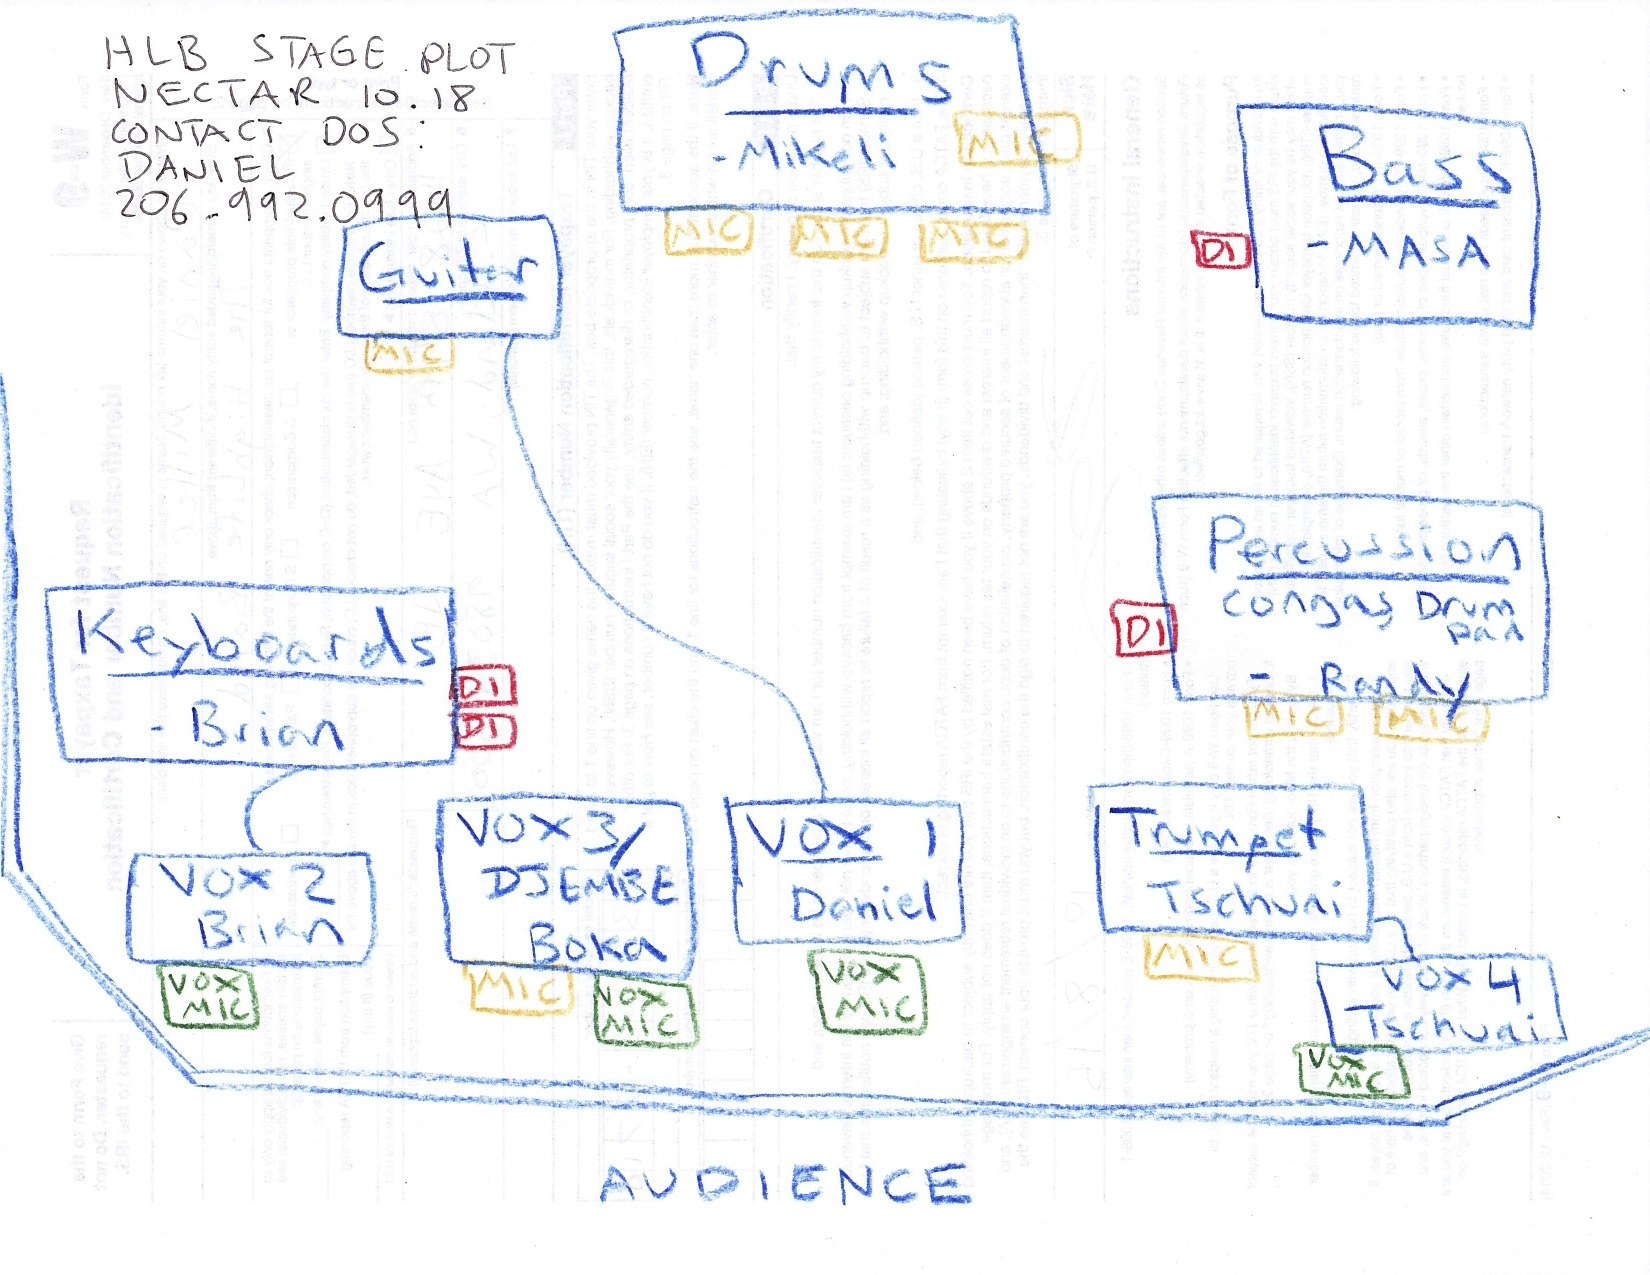 Stage Plot HLB 10.16.jpg